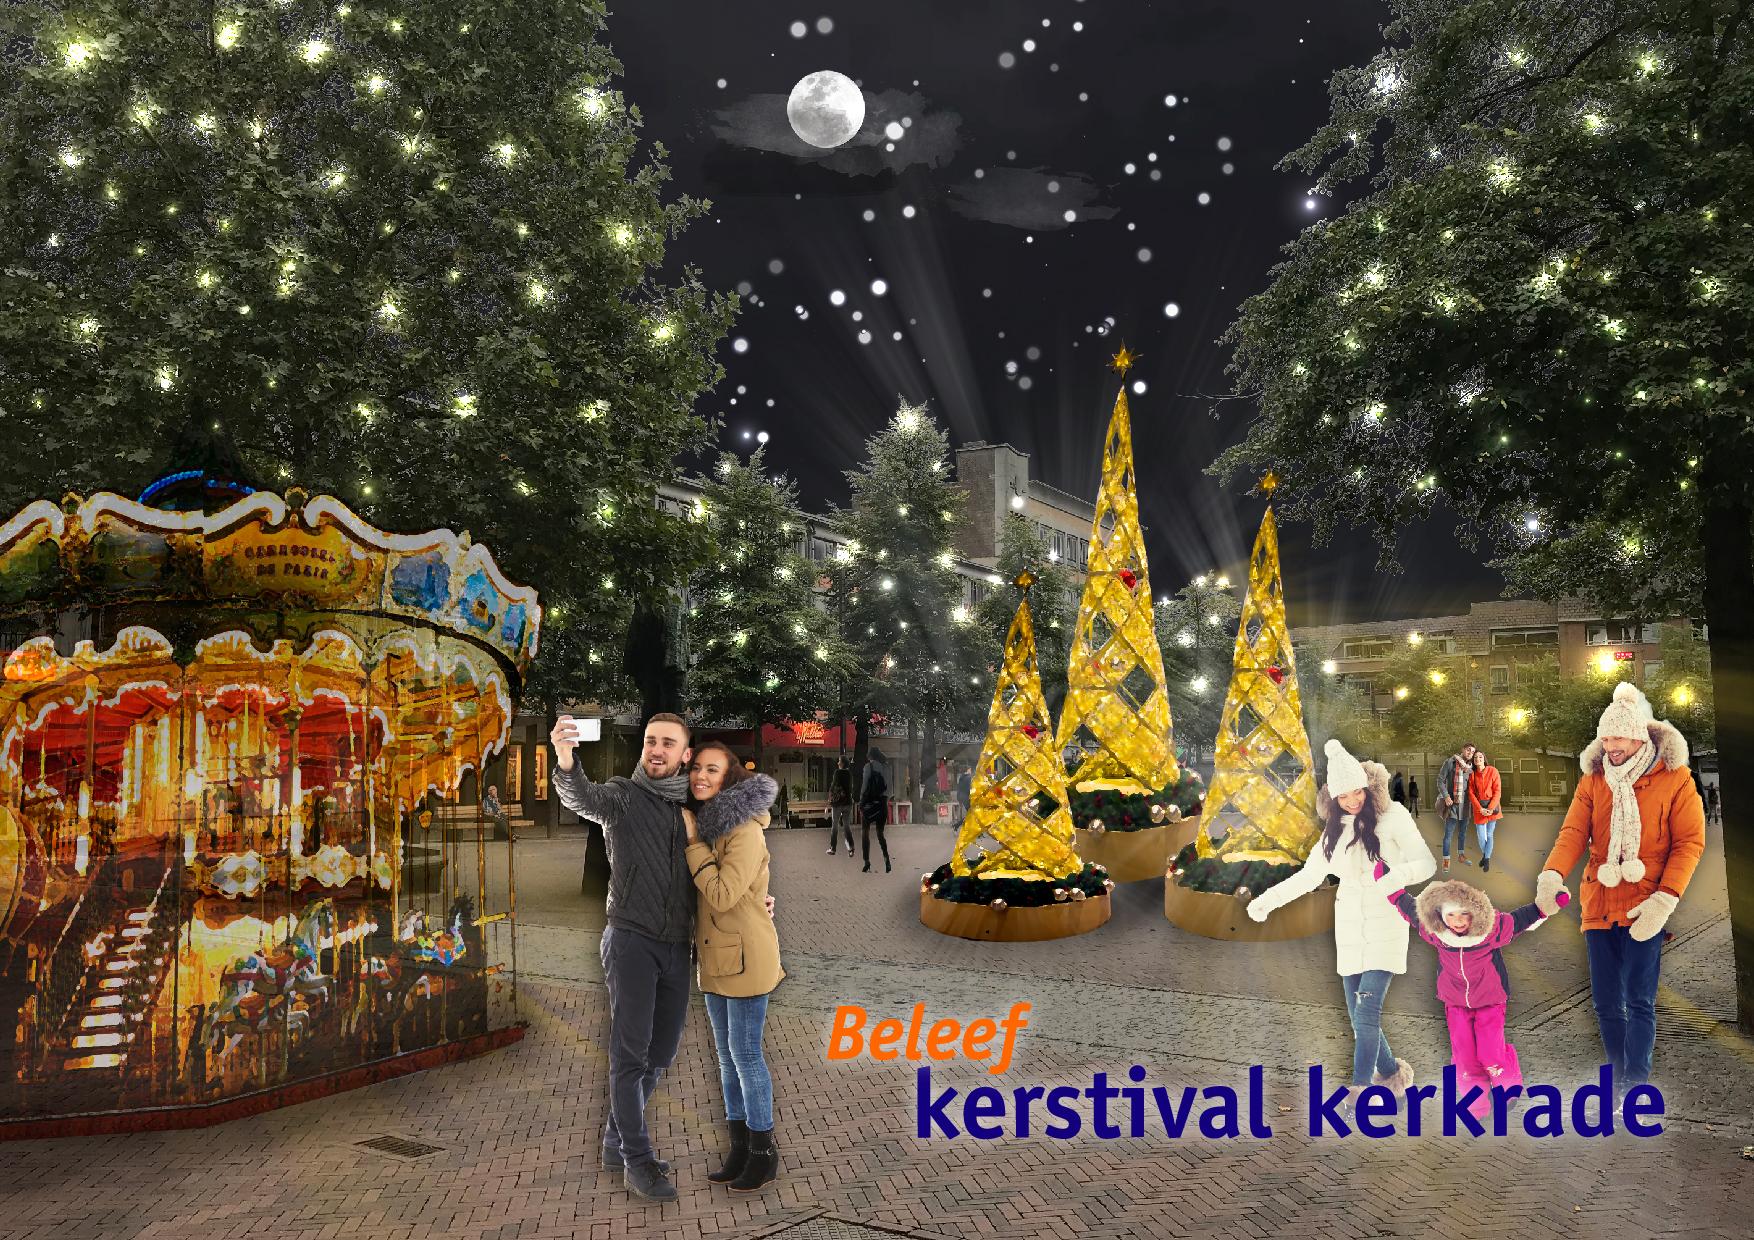 Beleef Kerstival Kerkrade poster - Cafe SuuS